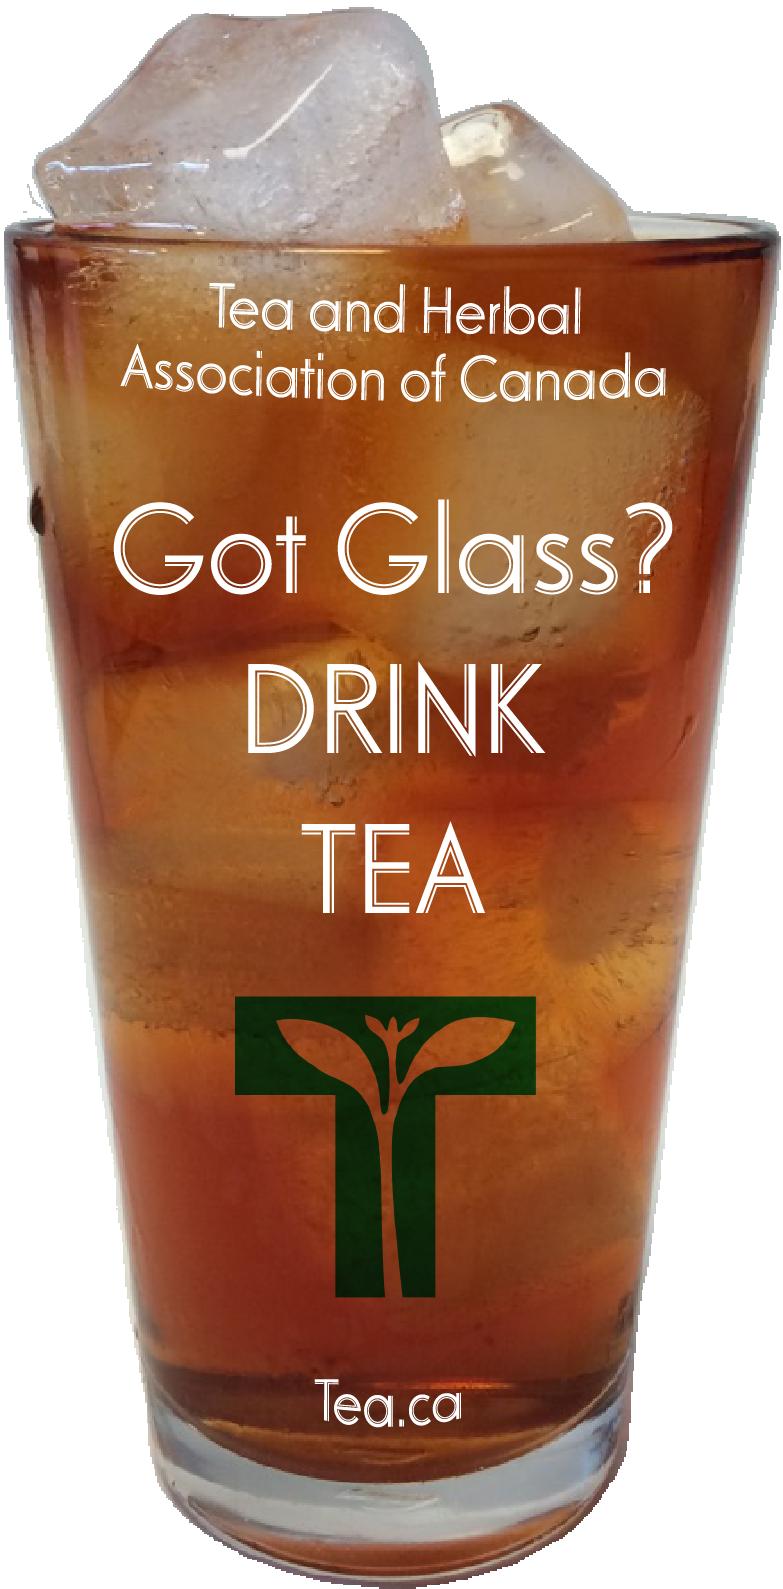 Got Glass? Drink Tea!